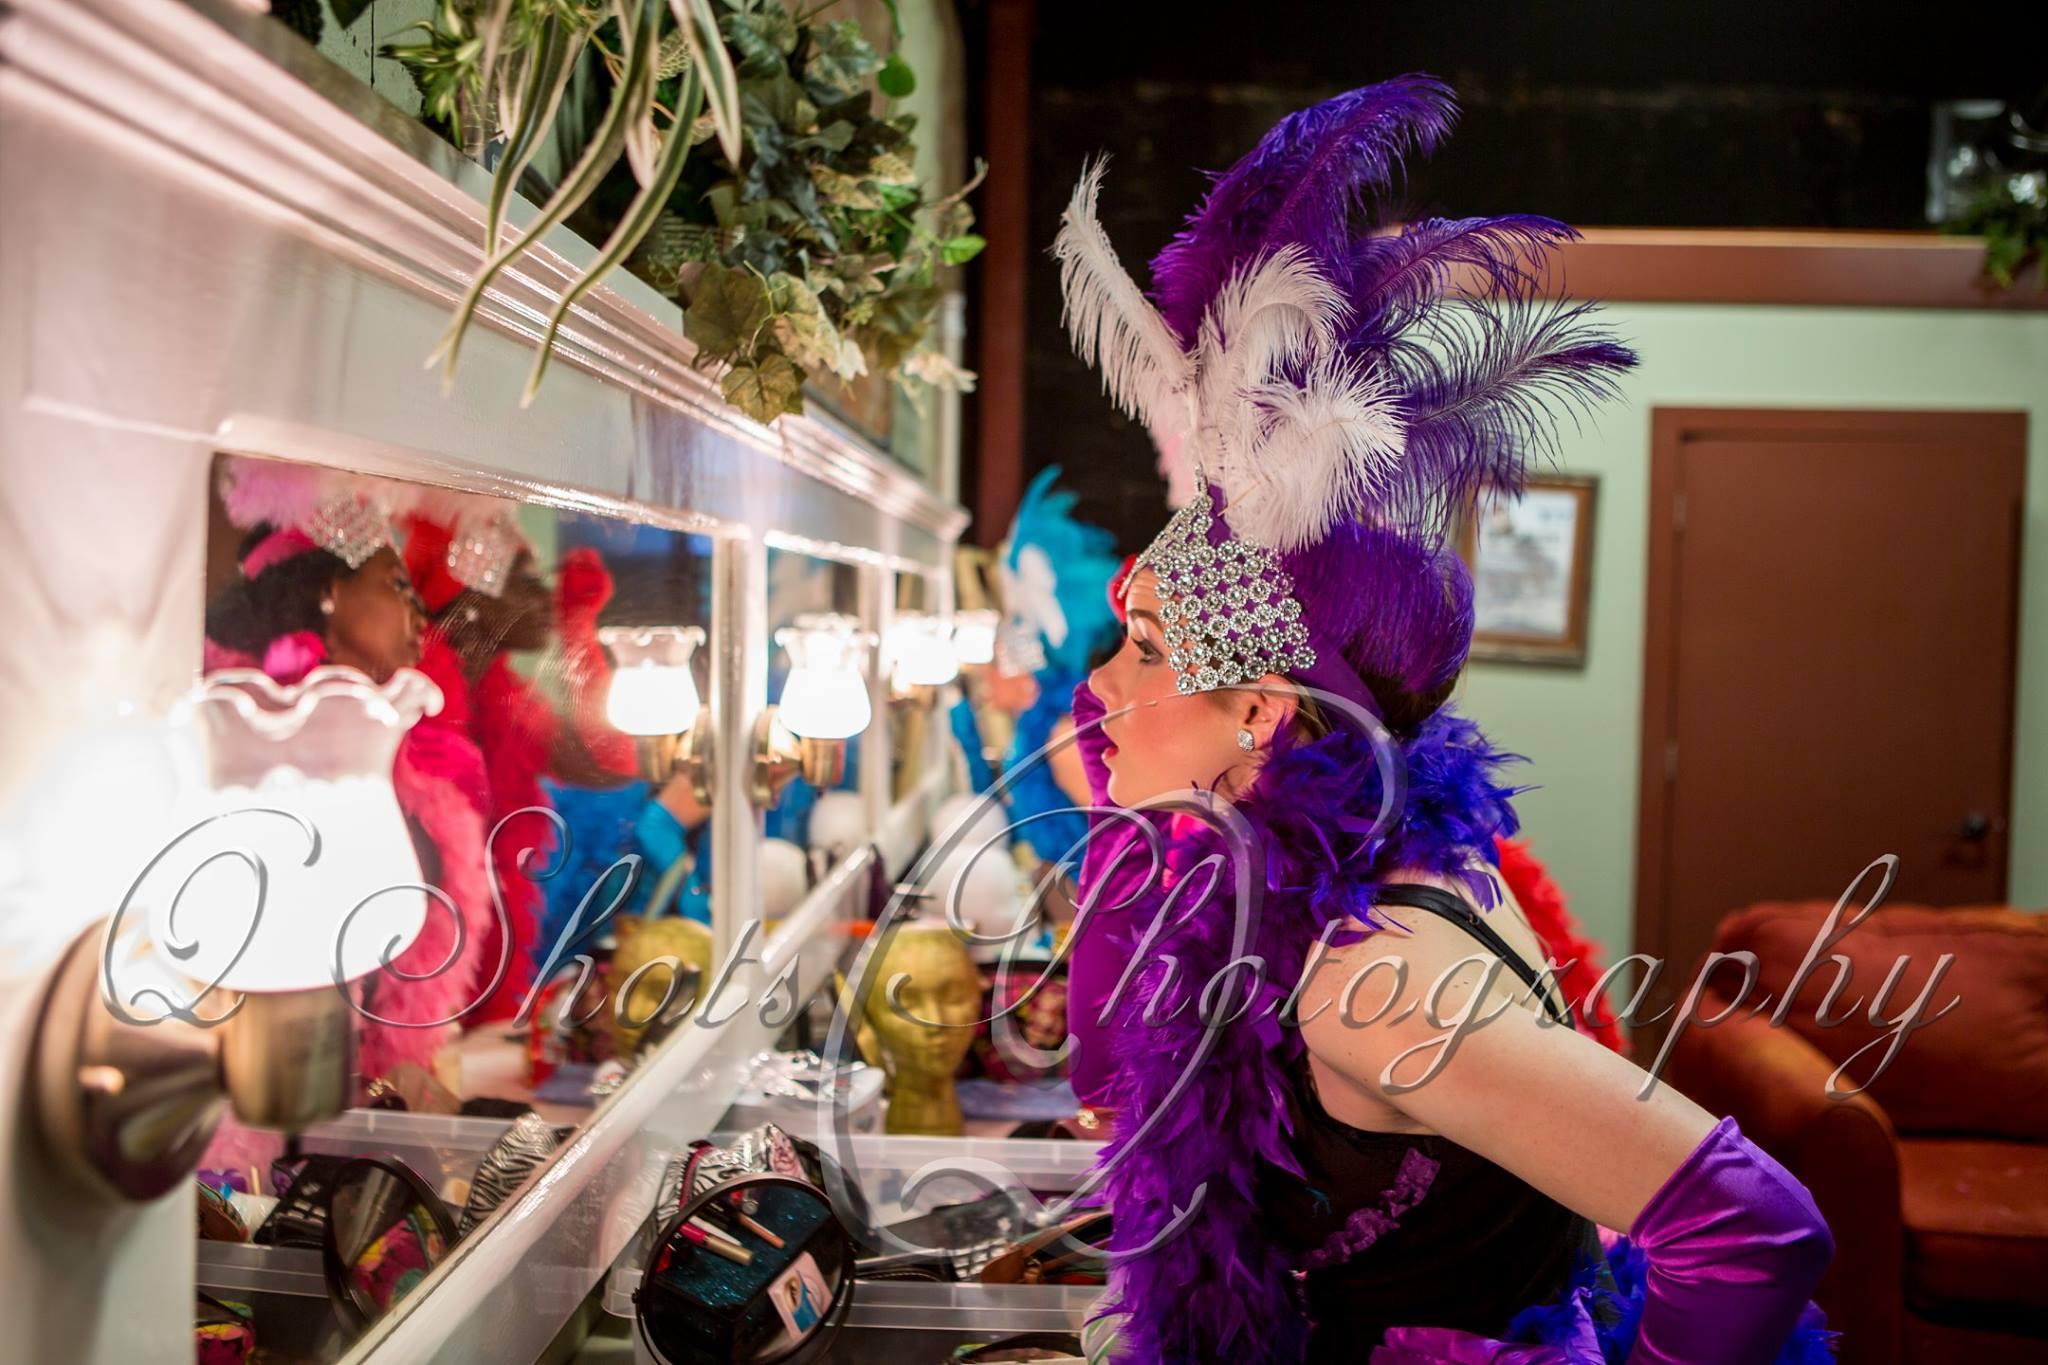 SouthernBroadway_DinnerTheater_AnEveningAtTheCopa_DressingRoom3.jpg